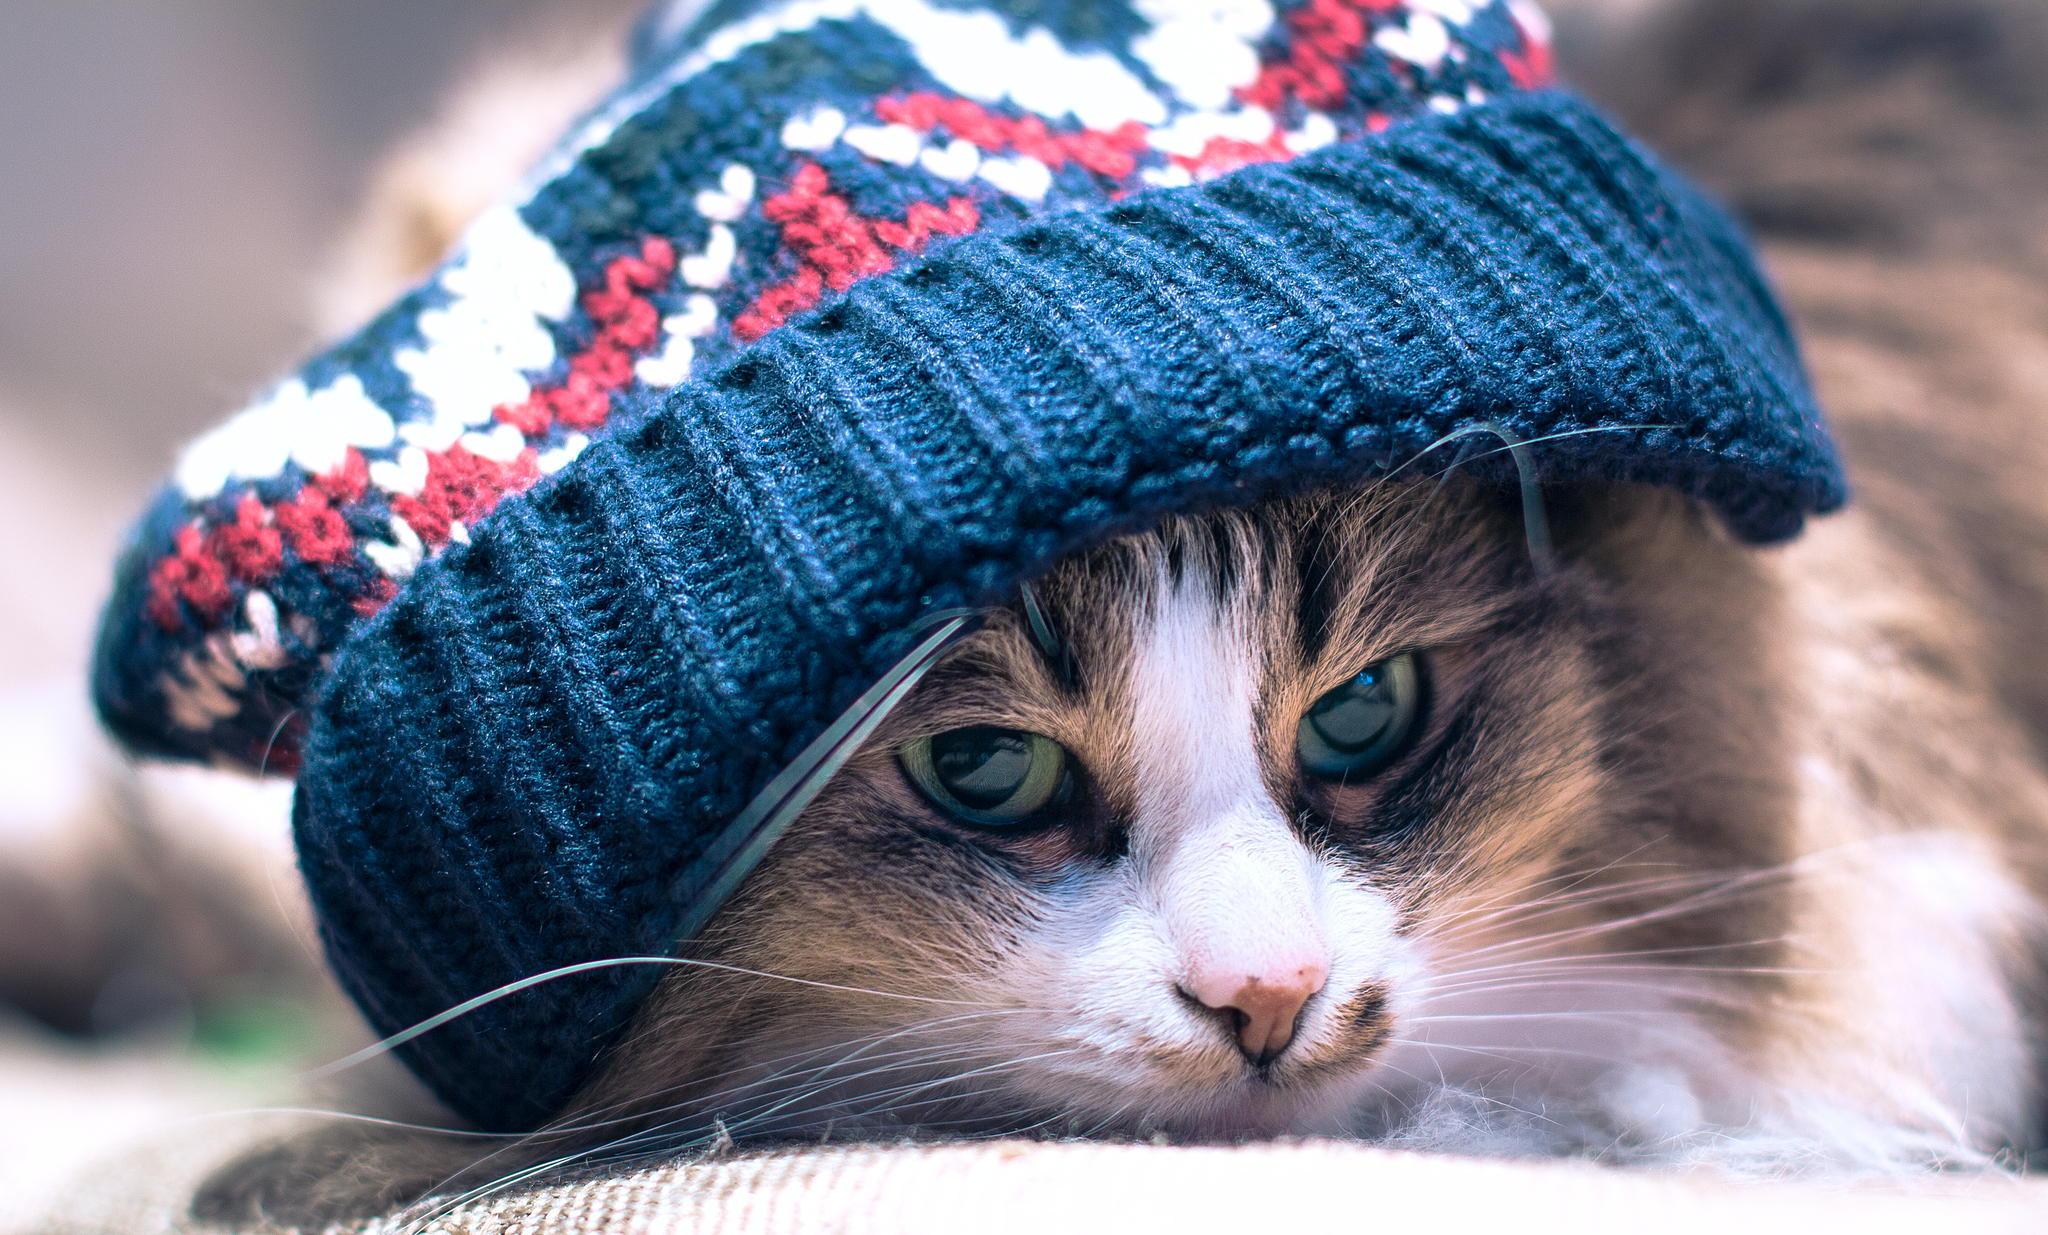 Кот под шапкой  № 3059187 бесплатно